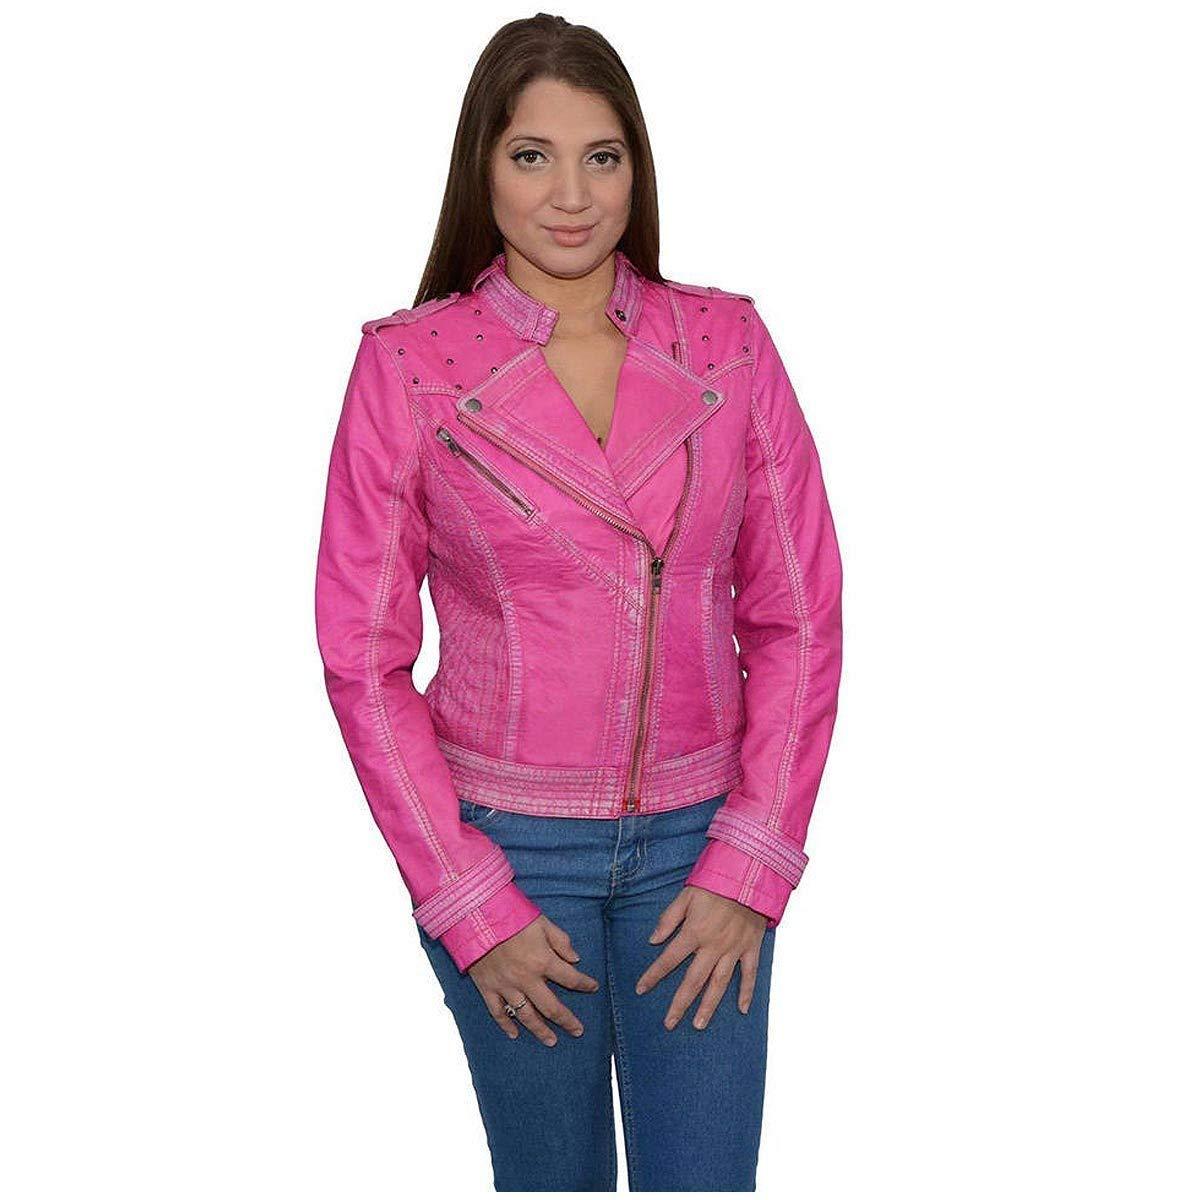 LJYH Kids Fall Winter PU Leather Studded Moto Jacket